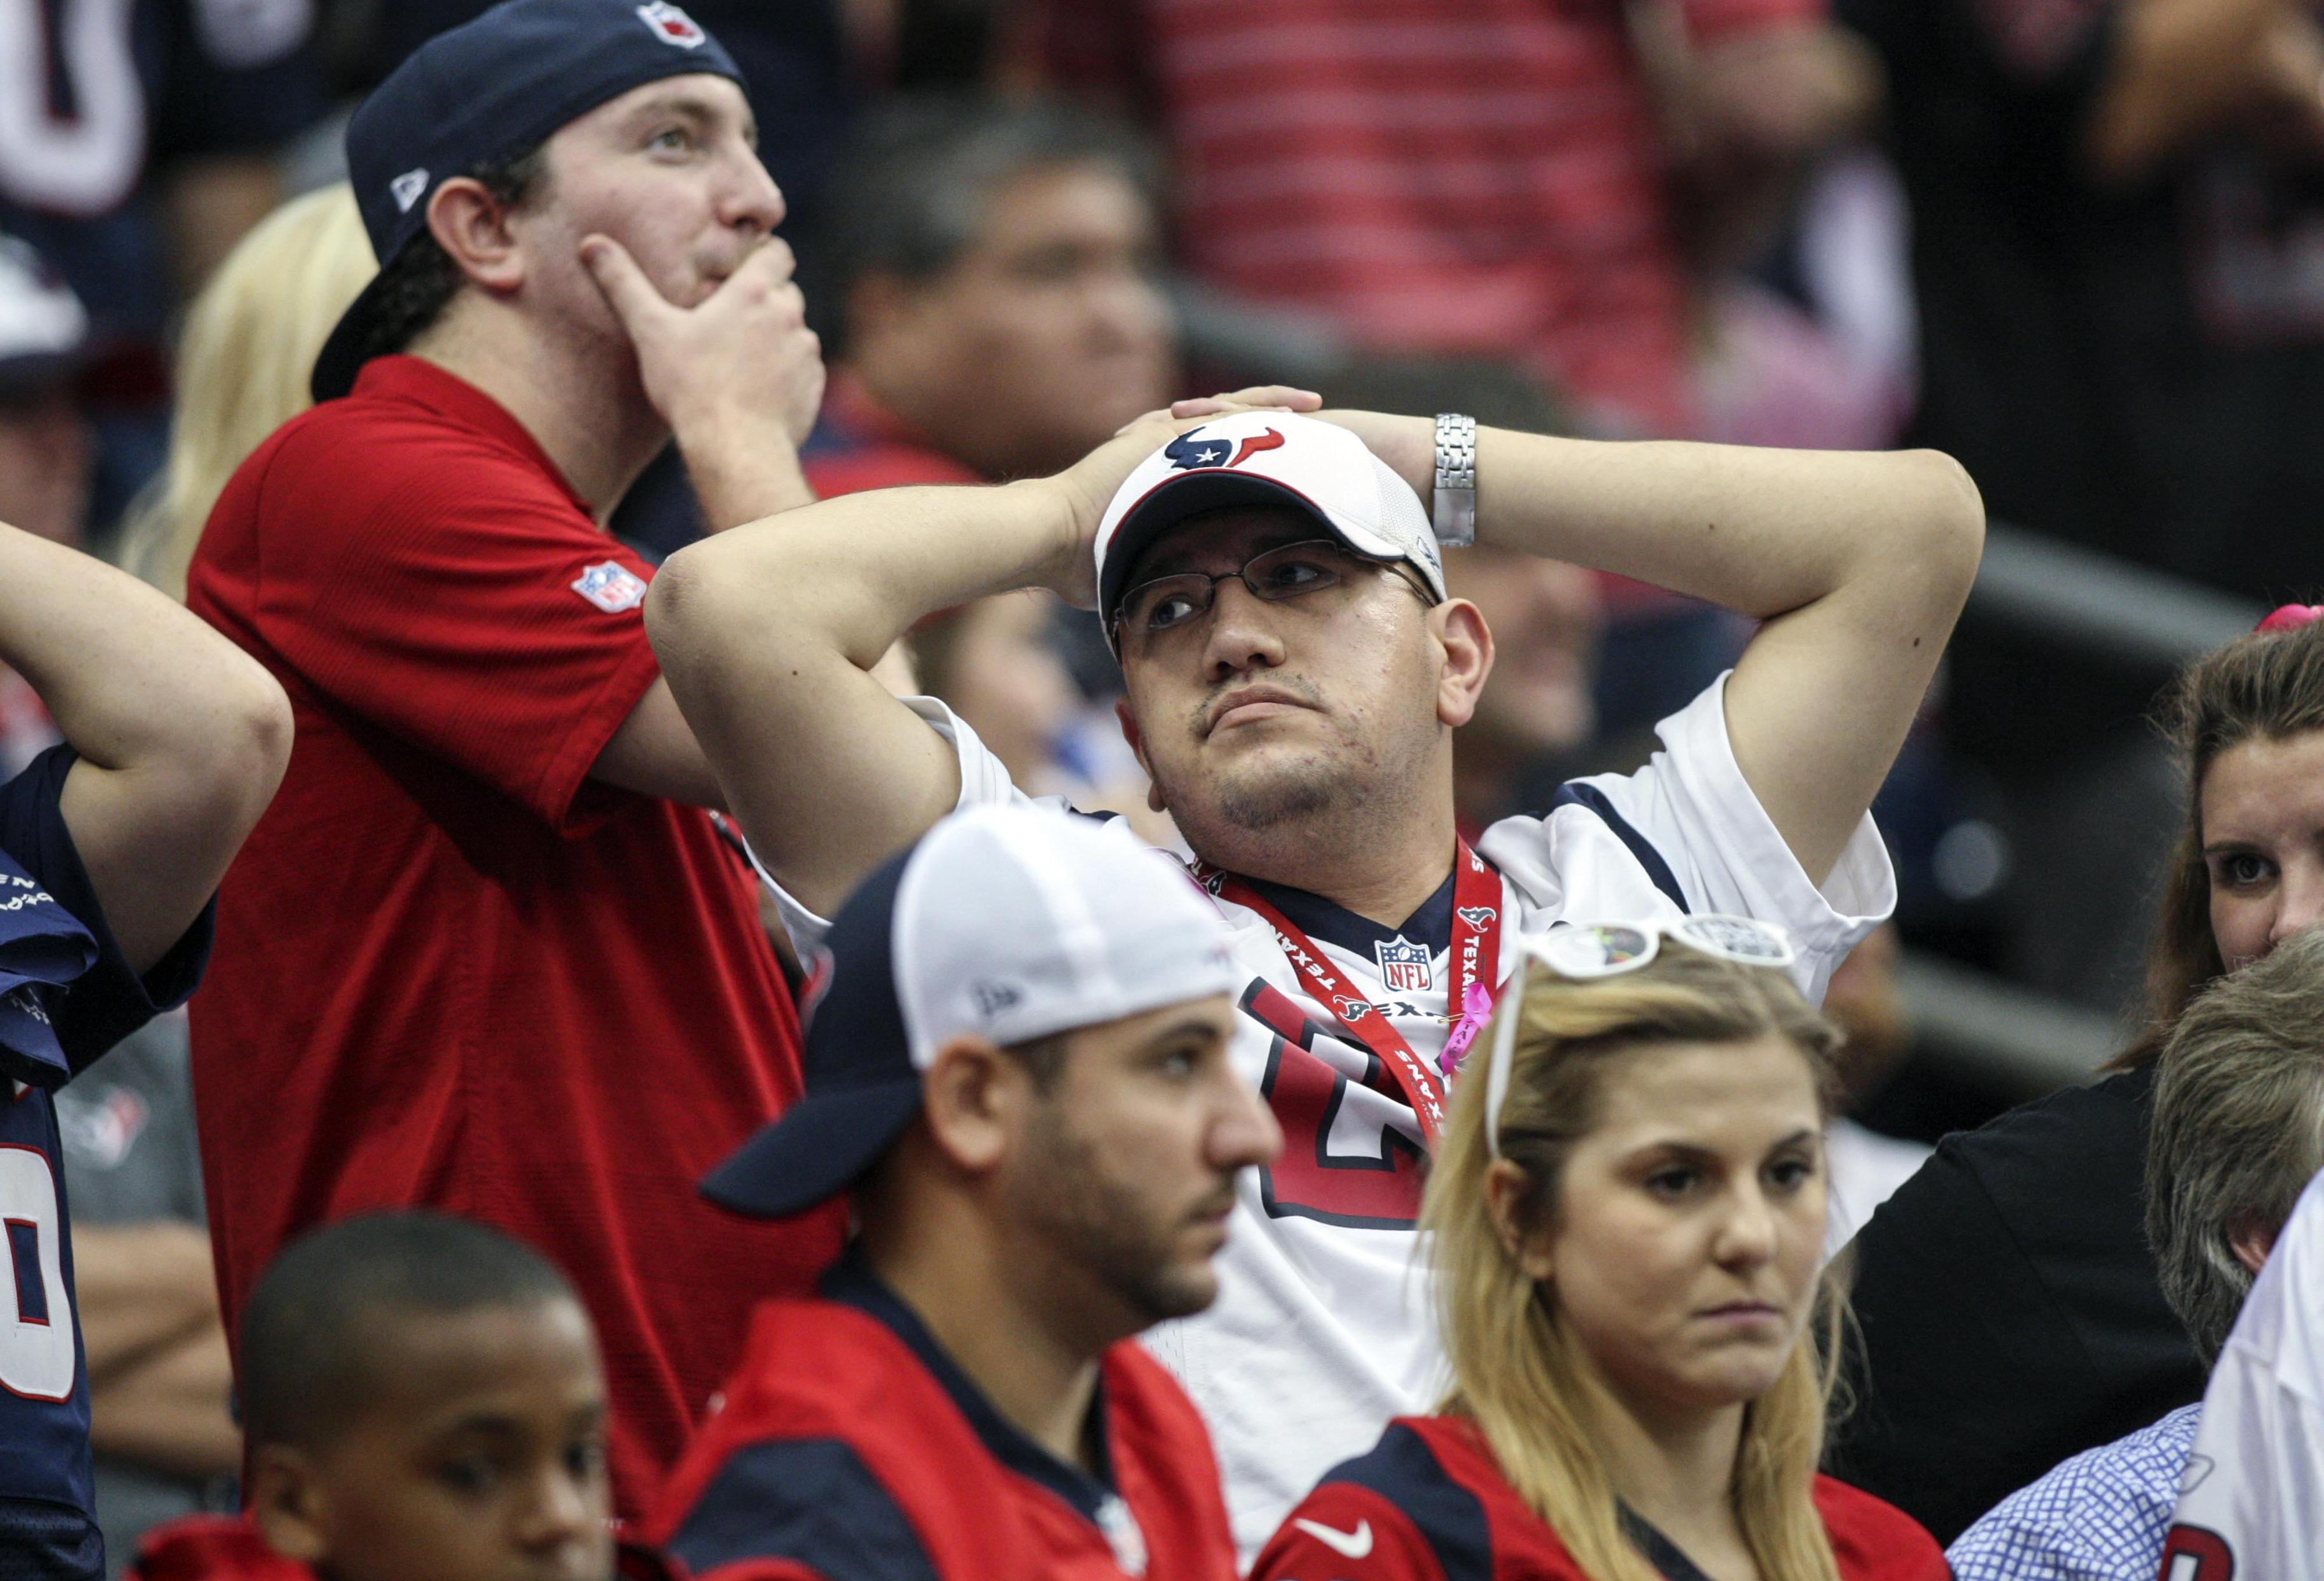 The 2013 Houston Texans season in a single pose.